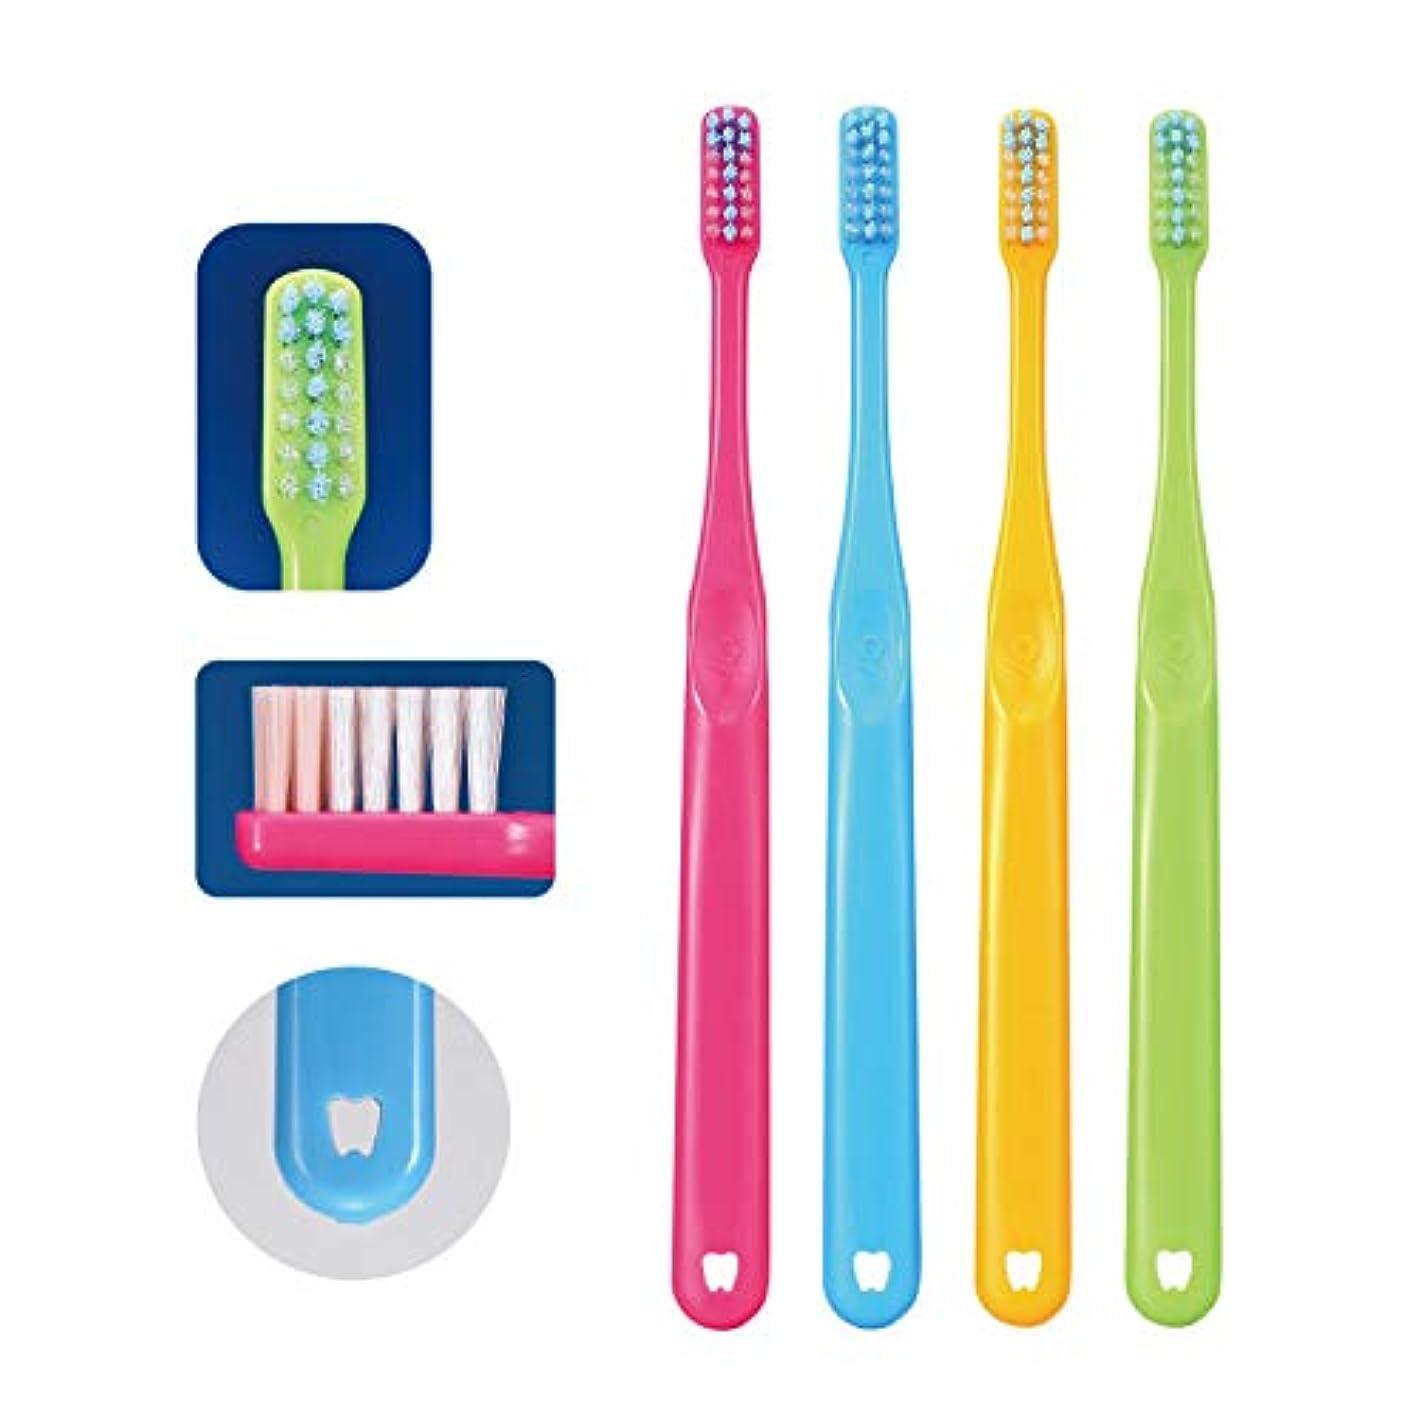 誓約ビジュアル解体するCi PRO PLUS プロプラス 歯ブラシ 20本 S(やわらかめ) 日本製 プラーク除去 歯科専売品